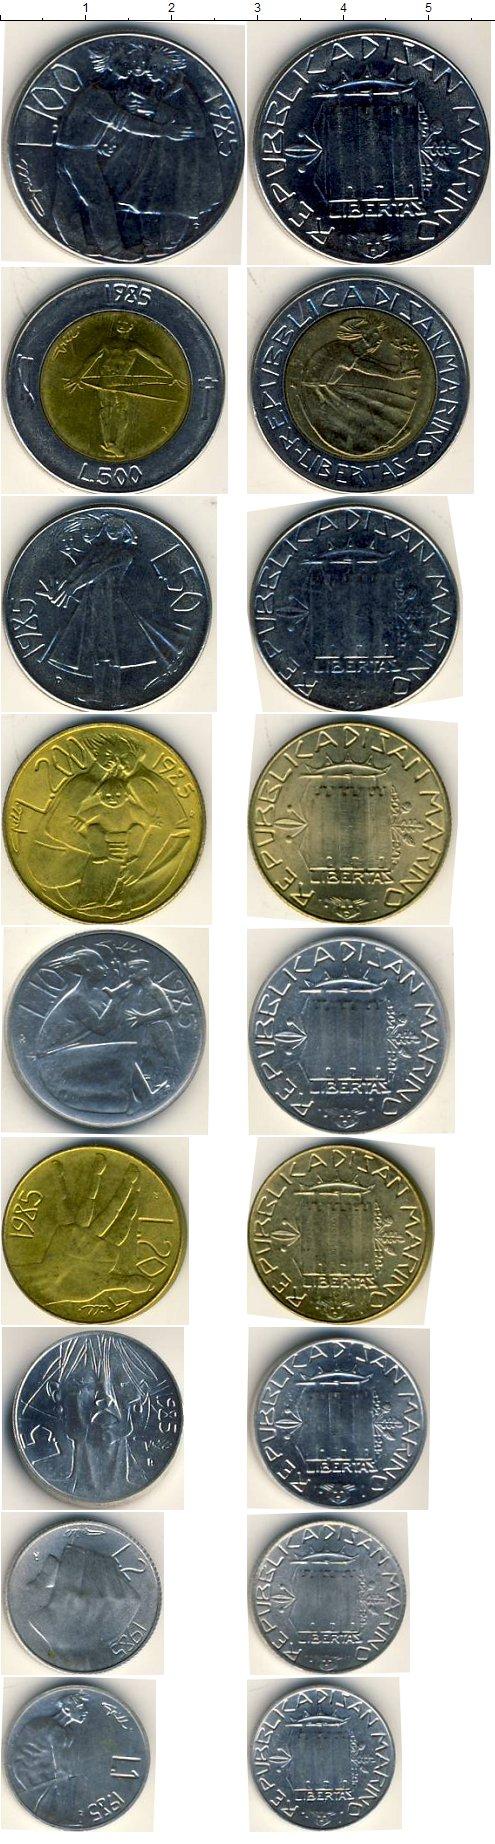 Набор монет Сан-Марино Набор 1985 года 1985 UNC фото 2